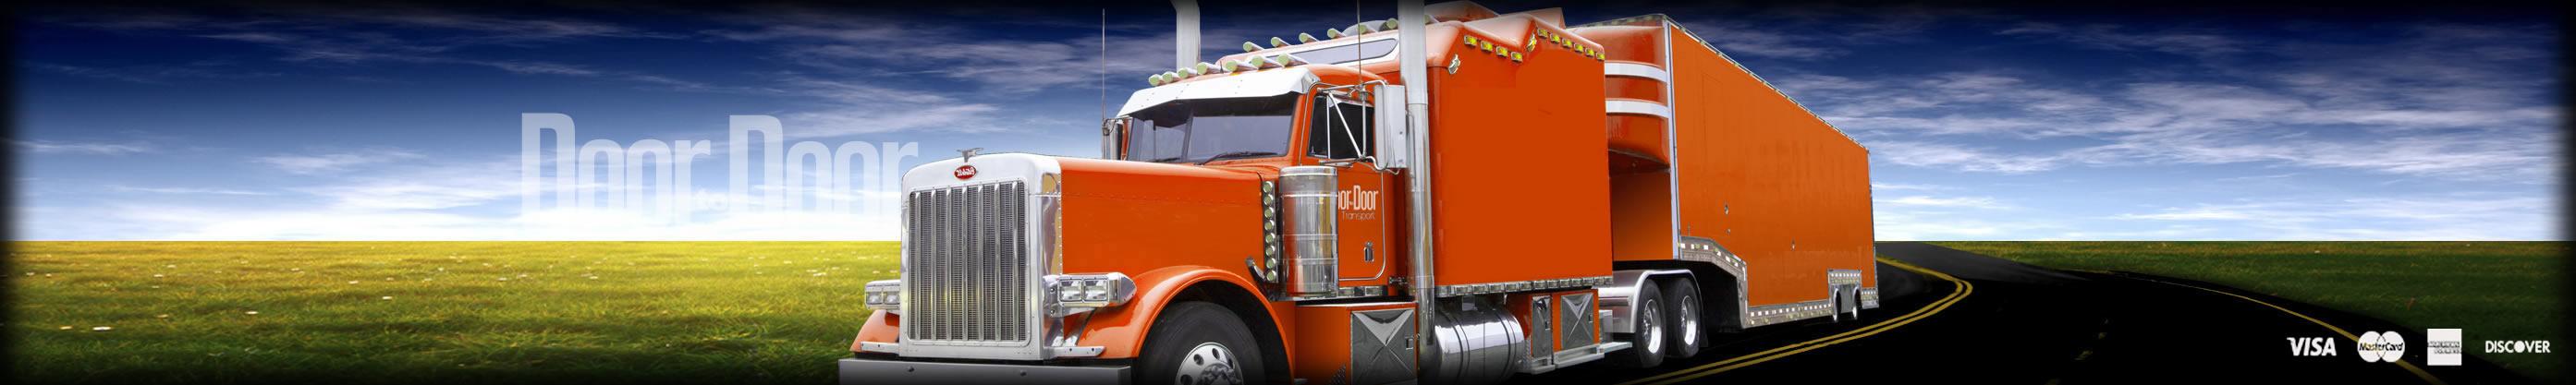 2_car_shipping_truck